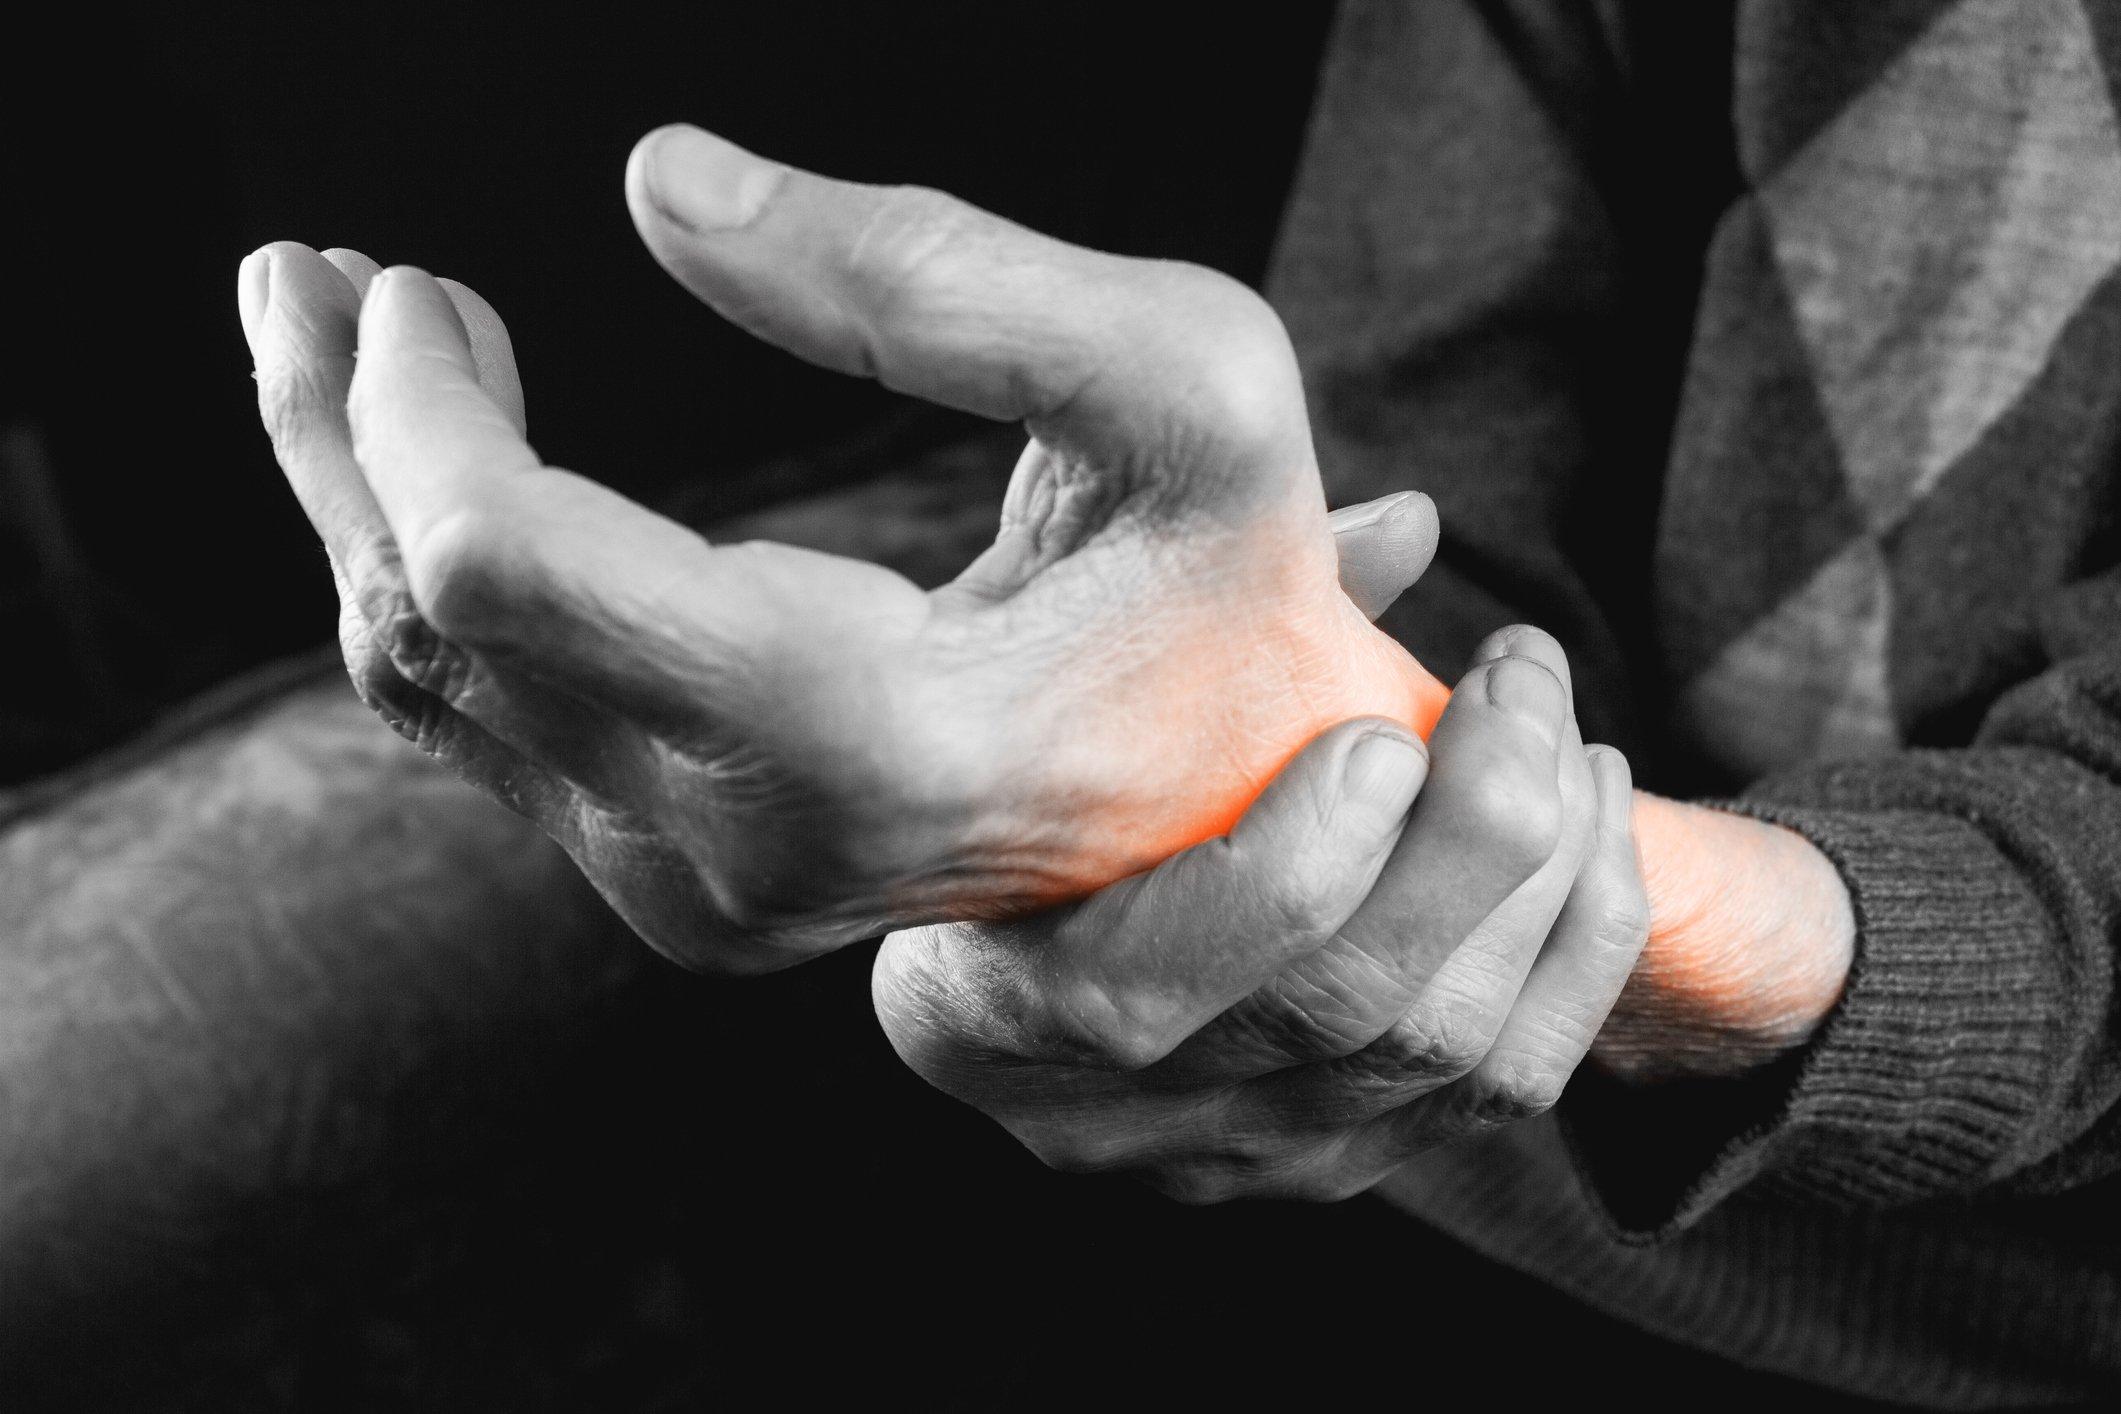 tratamentul osteoartrozei la încheietura mâinii)